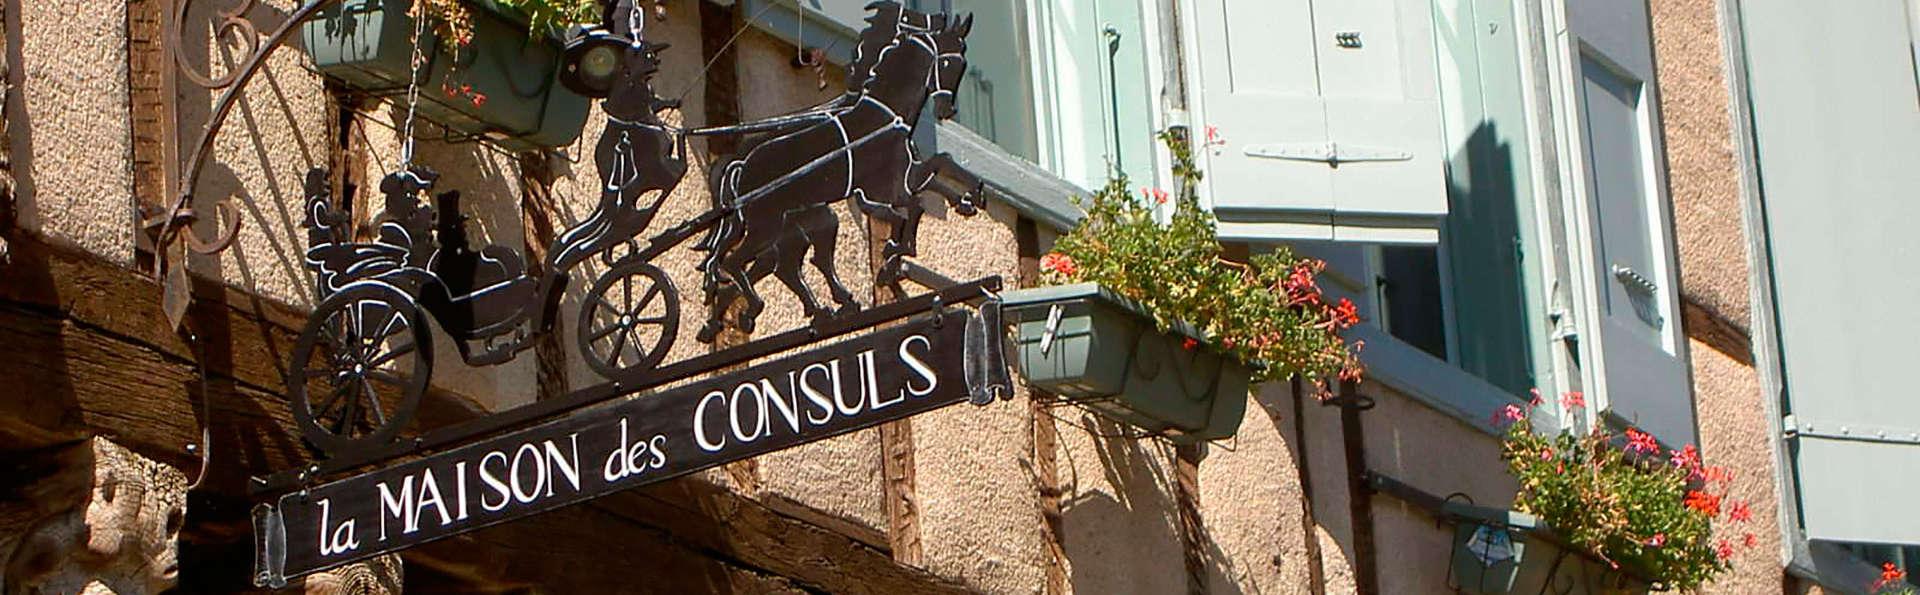 Maison des Consuls  - EDIT_detailfront.jpg